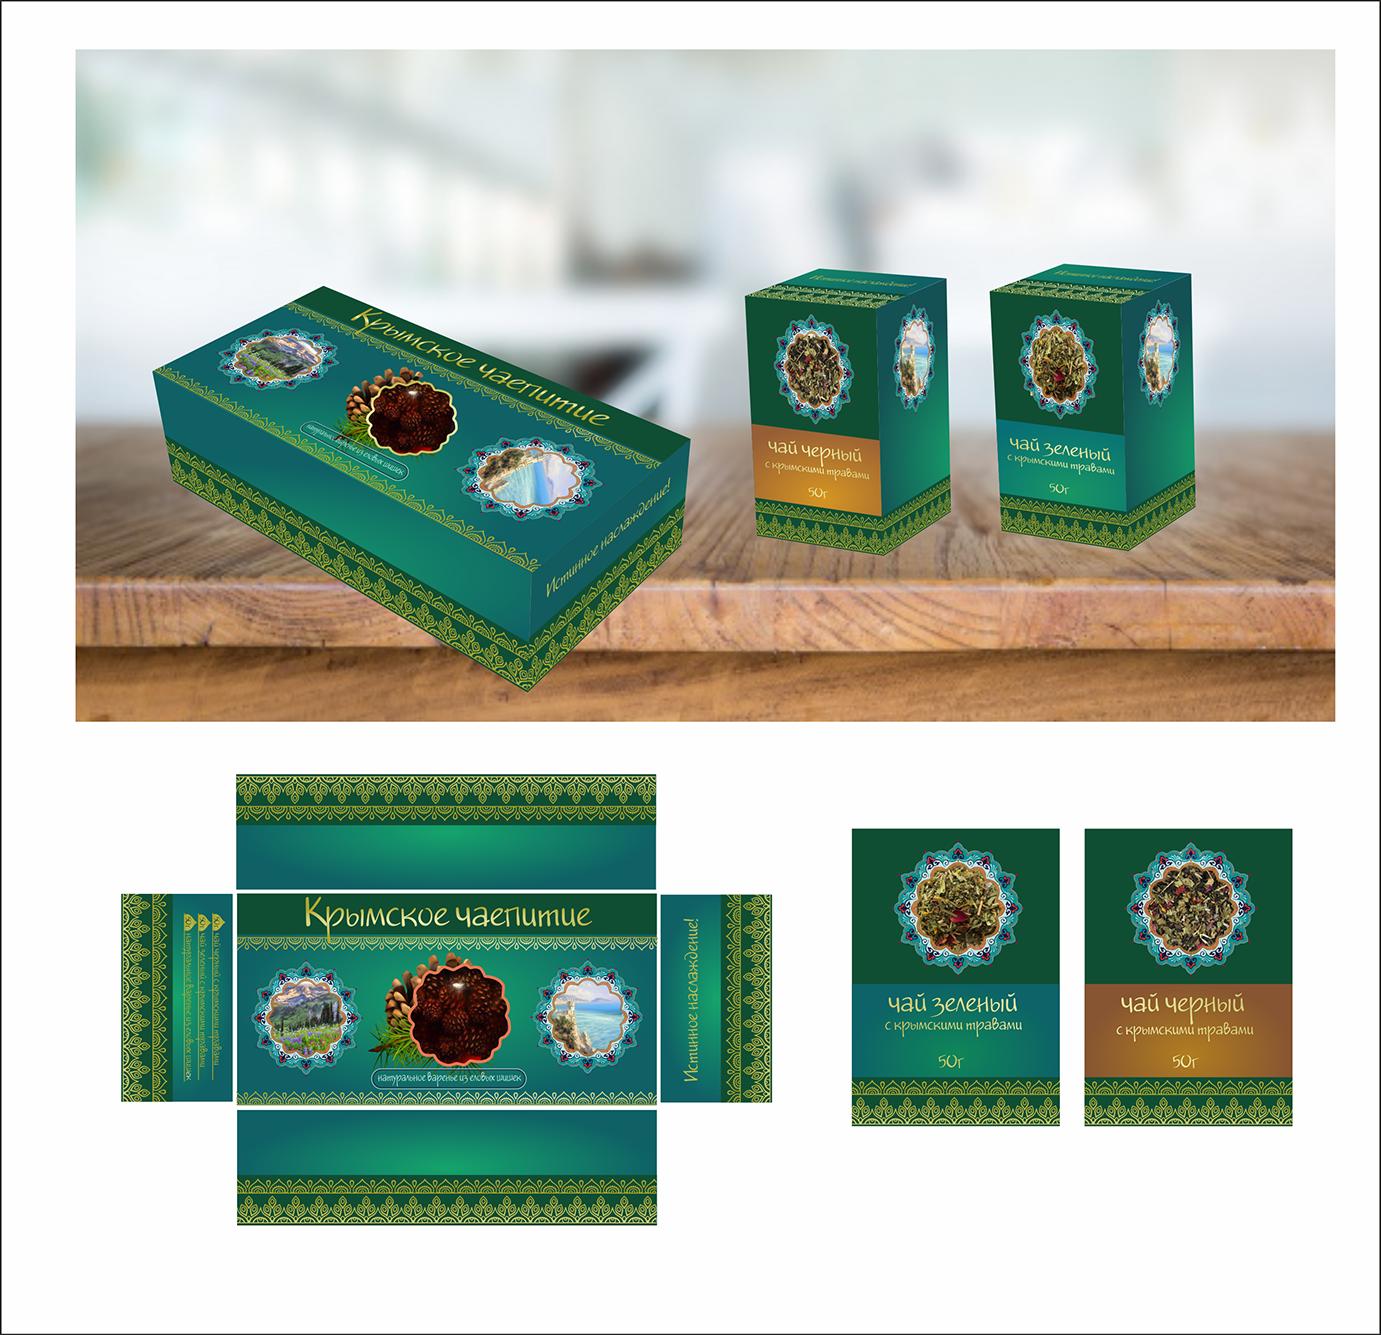 Дизайн подарочной-сувенирной коробки: с чаем и варением фото f_5755a5e685bbf6c3.png